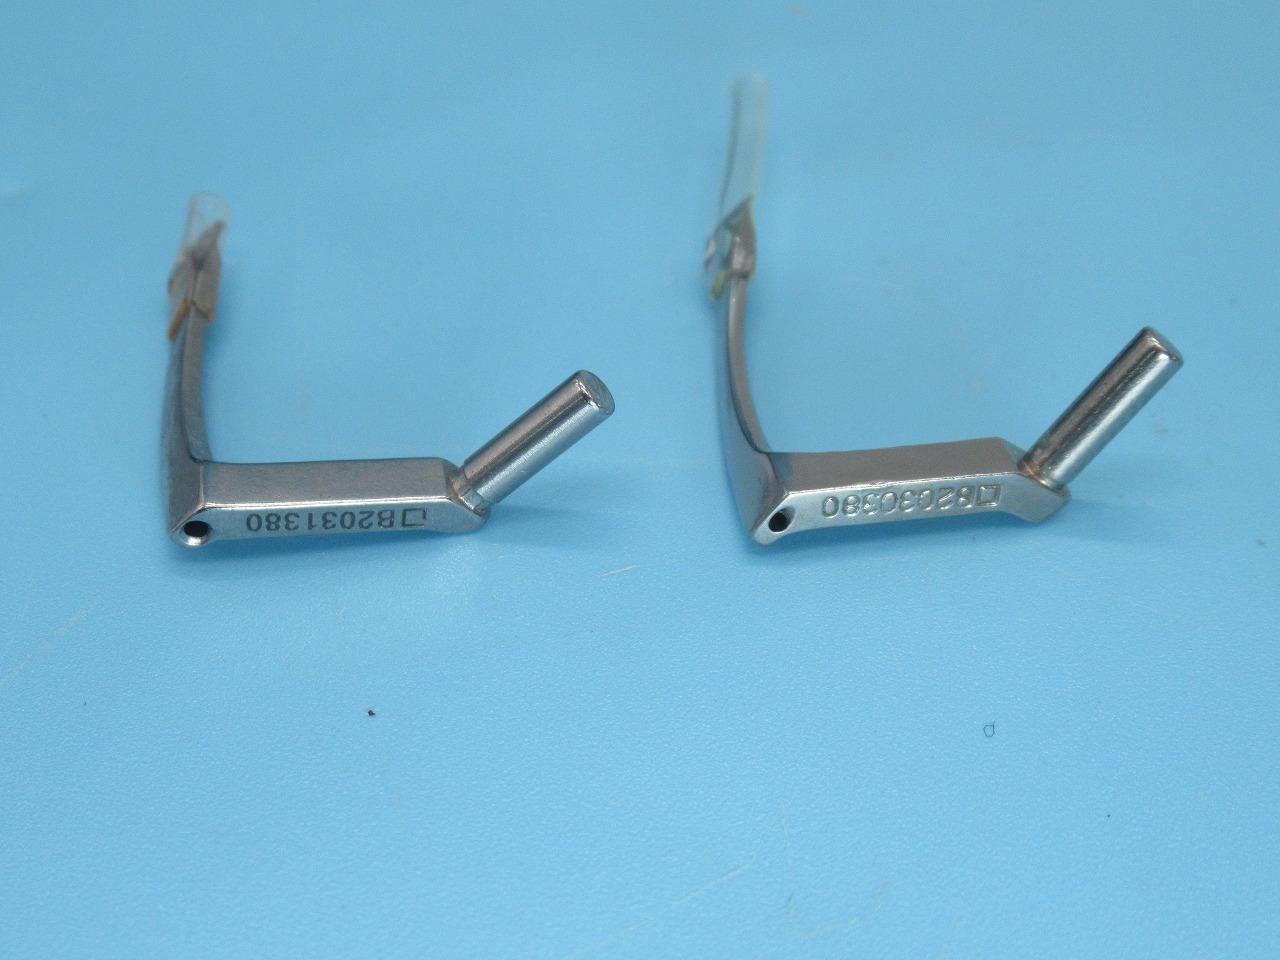 新品 JUKI ジューキ 平2本針2重環縫い MH-380型用 7.9mm 右側ルーパーB2030-380-000+左側ルーパーB2031-380-000です 1本の価格です 16